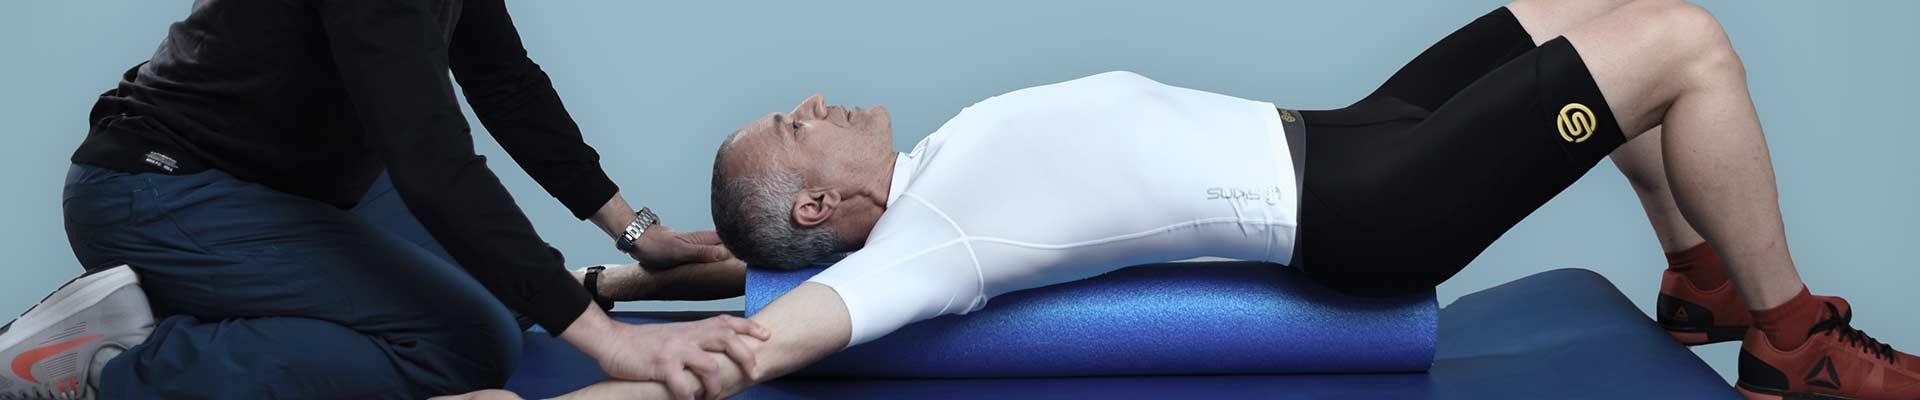 Τι είναι η νευροπλαστικότητα και ποιος ο ρόλος της στην αντιμετώπιση χρόνιων πόνων